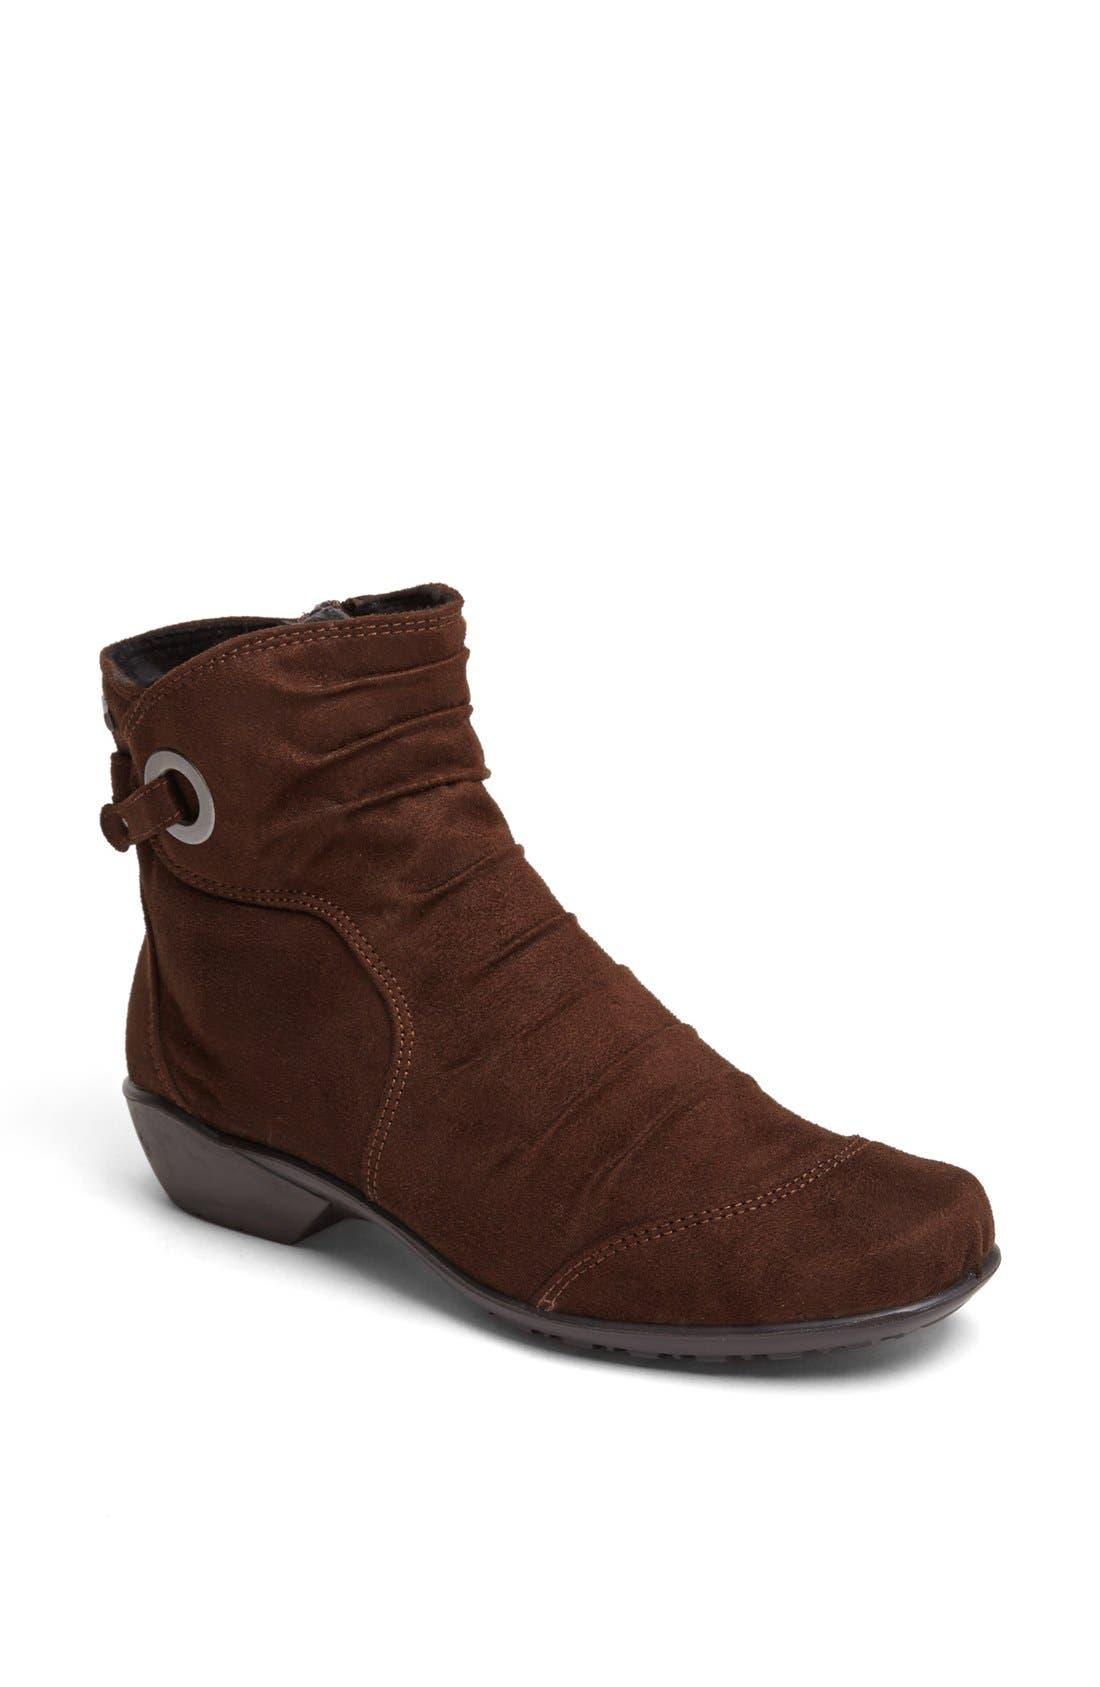 Main Image - Romika® 'Citytex 121' Boot